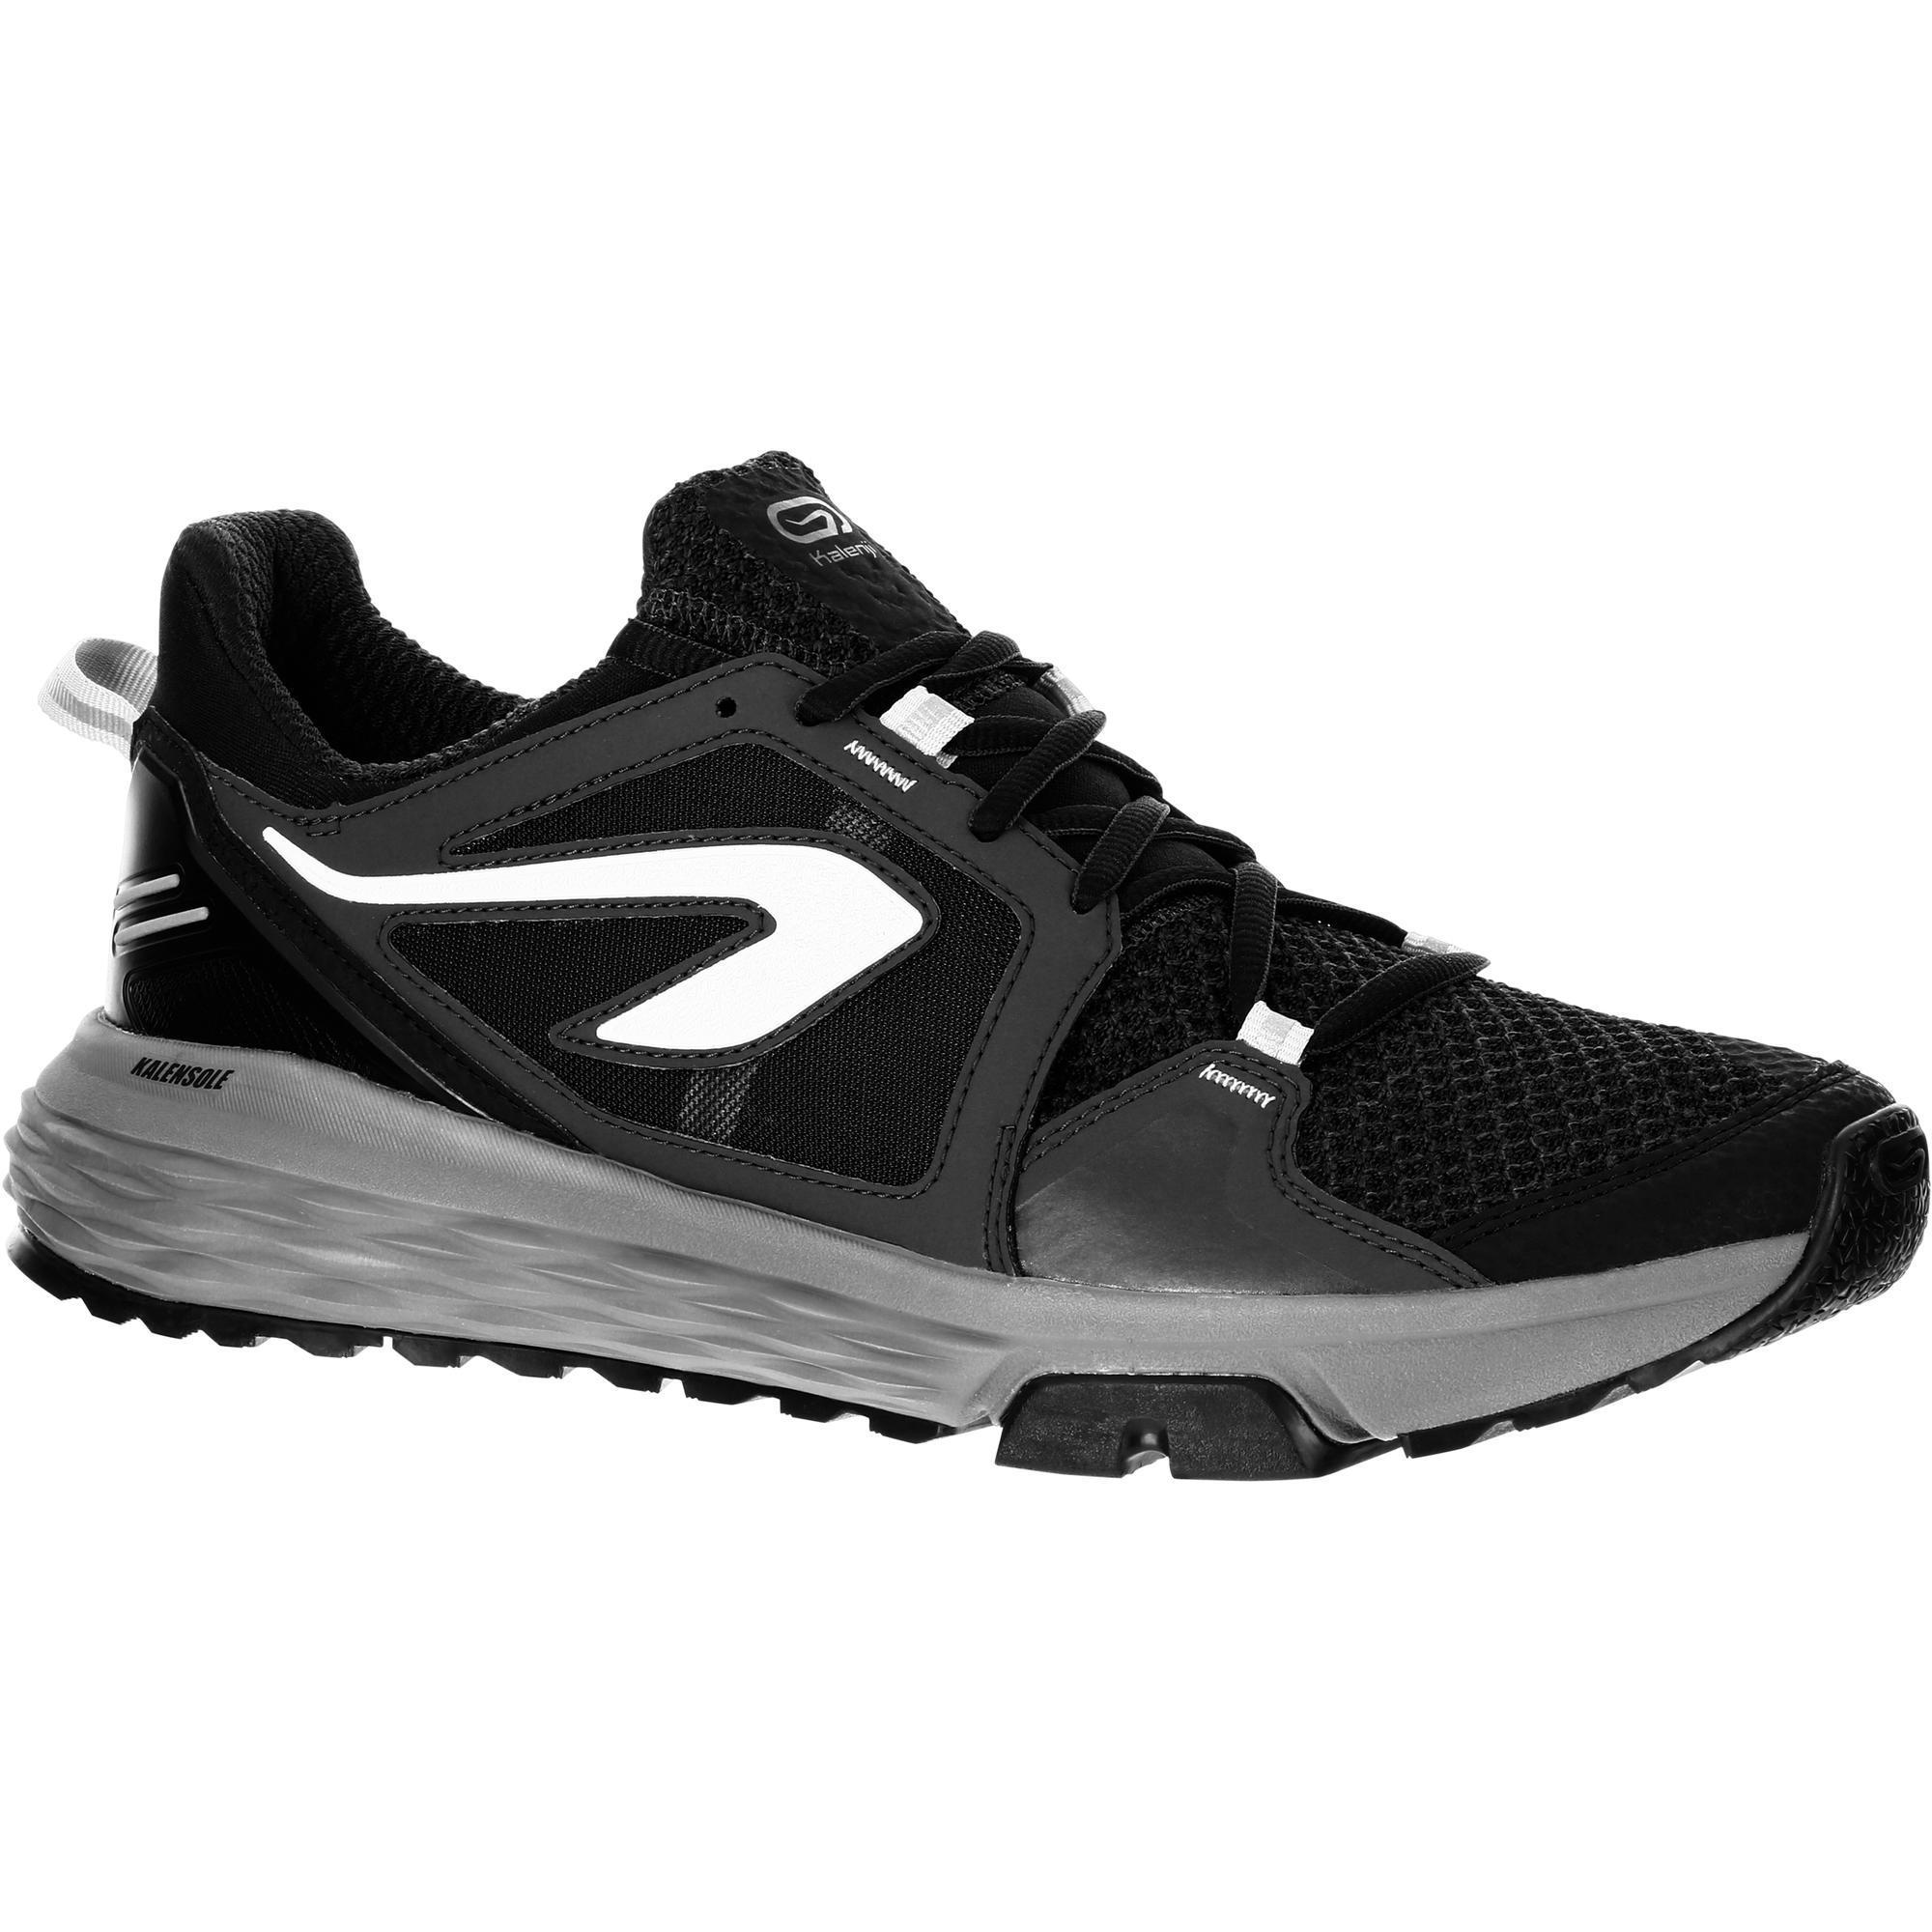 ff37b1a04 Comprar zapatillas de running para correr hombre